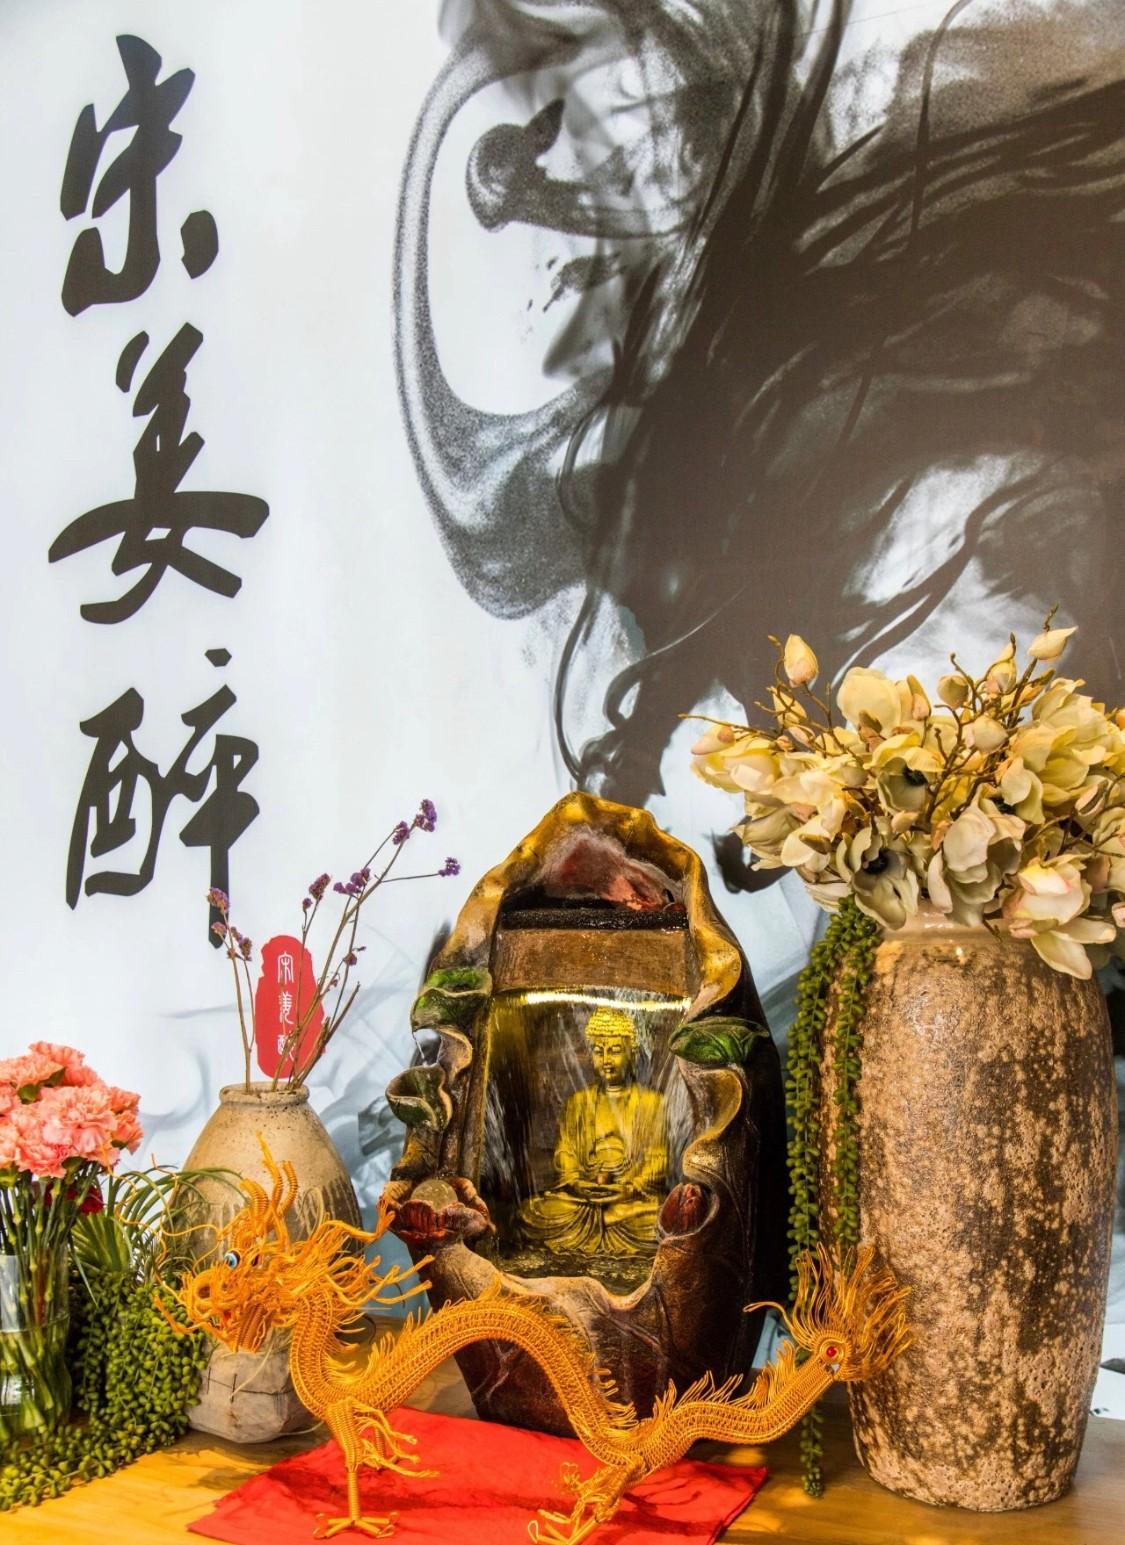 宋姜醉竹签特色烤串江湖夜食馆重磅福利叠加放送,79.9元超值抢原价289元绝味套餐